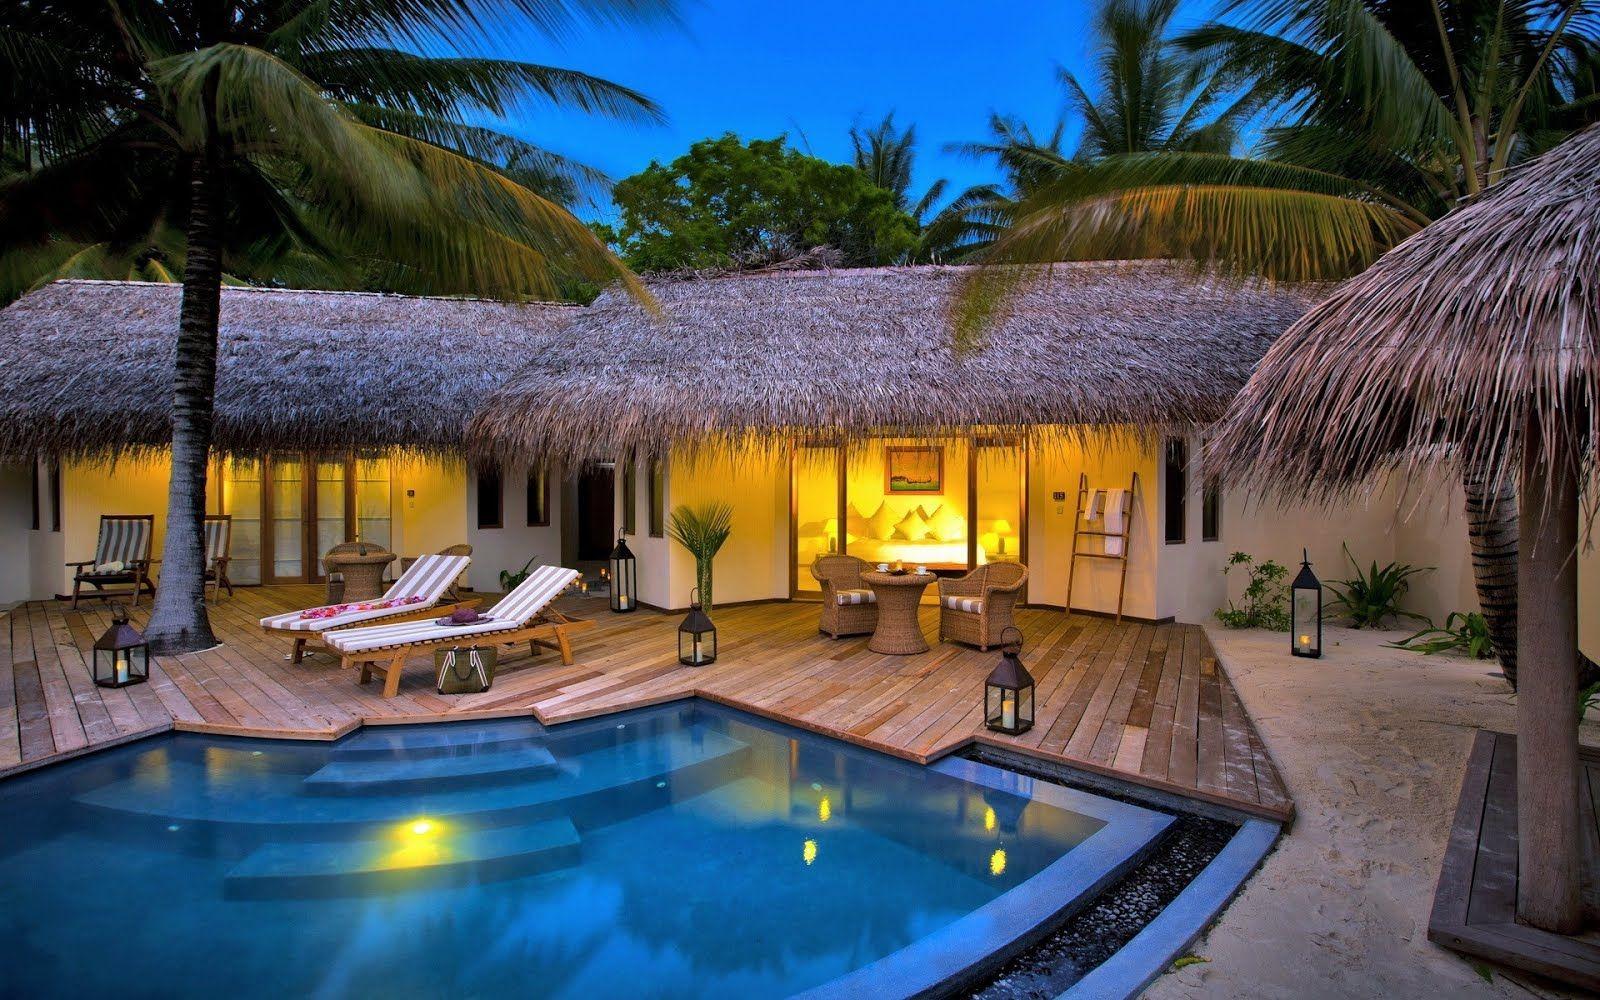 Pin de carmen luaces s en habitaciones piscinas for Casas para alquilar en verano con piscina privada